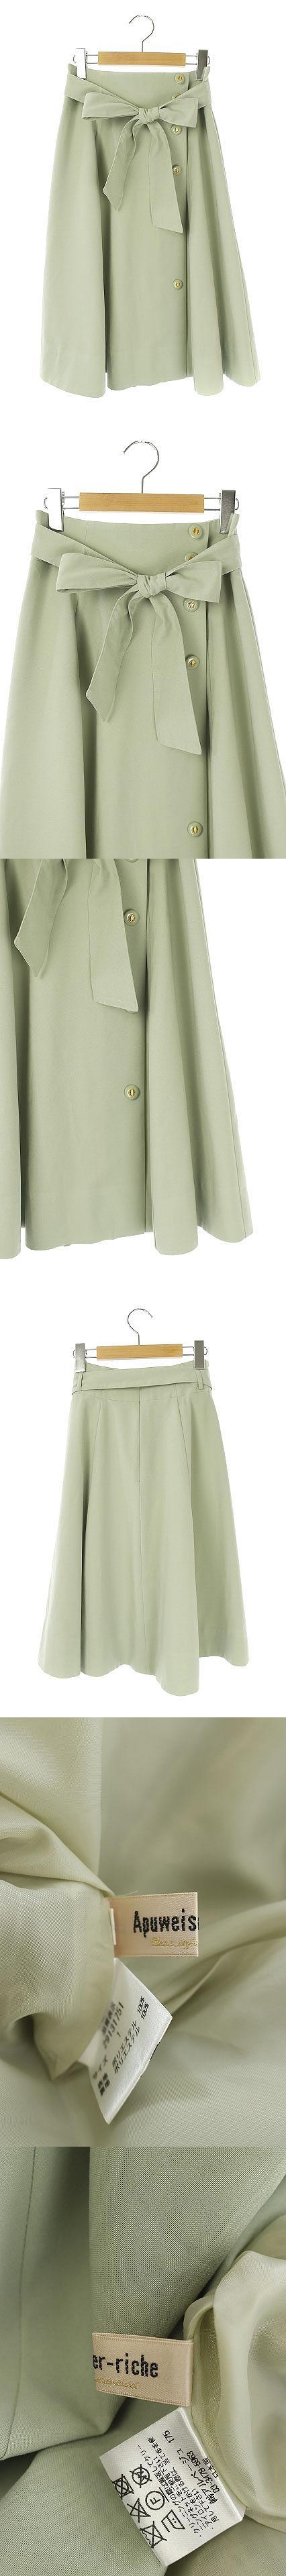 19SS カラーフレアスカート 膝丈 フロントボタン装飾 ベルトリボン 1 ライトグリーン /AA ■OS